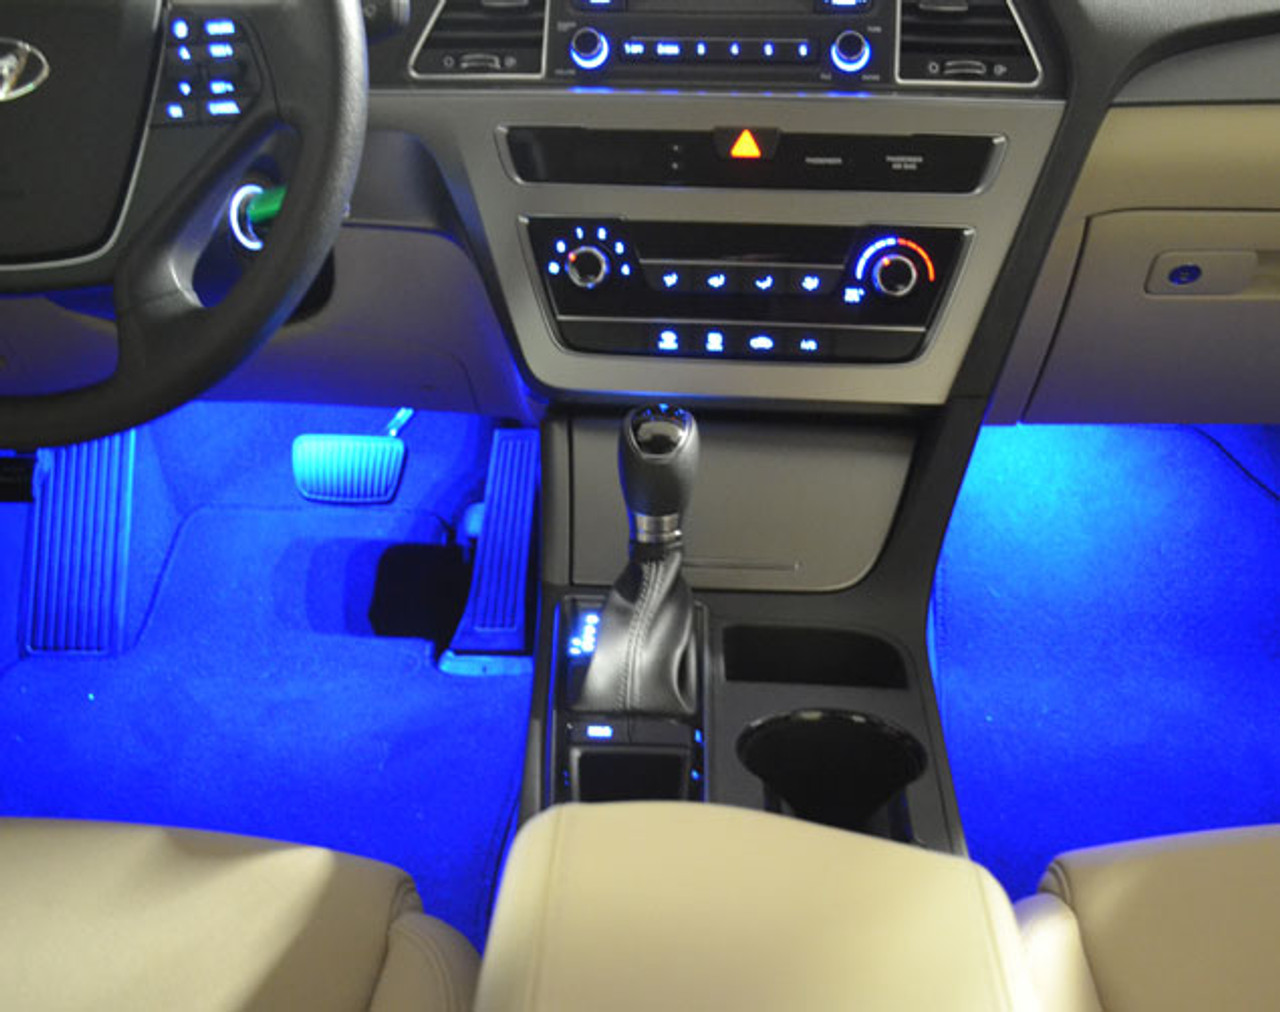 Hyundai Sonata LED Interior Lighting Kit | Hyundai Shop